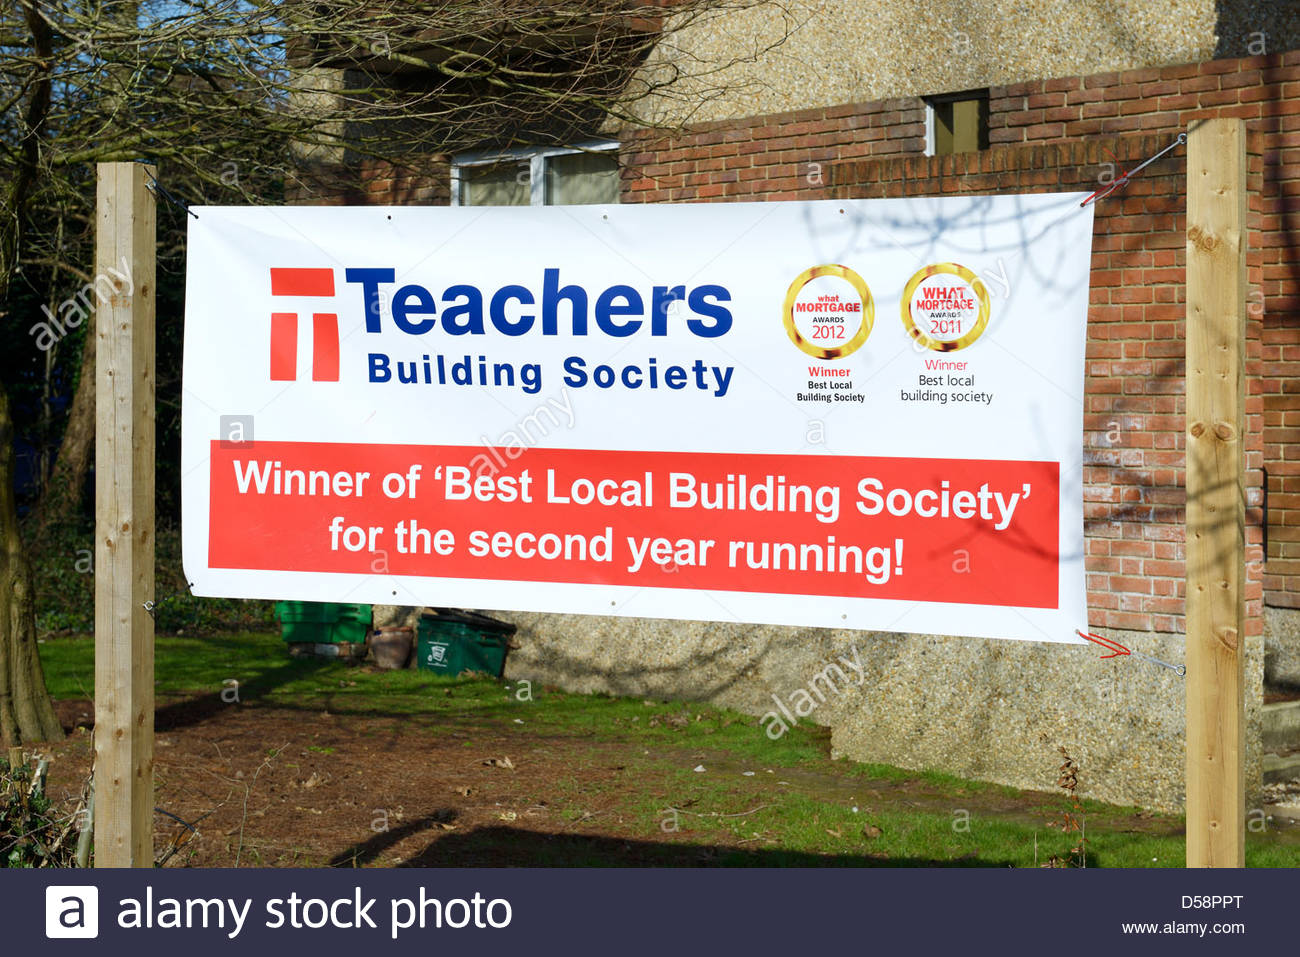 Teachers Building Society banner, Wimborne Minster, Dorset England - Stock Image